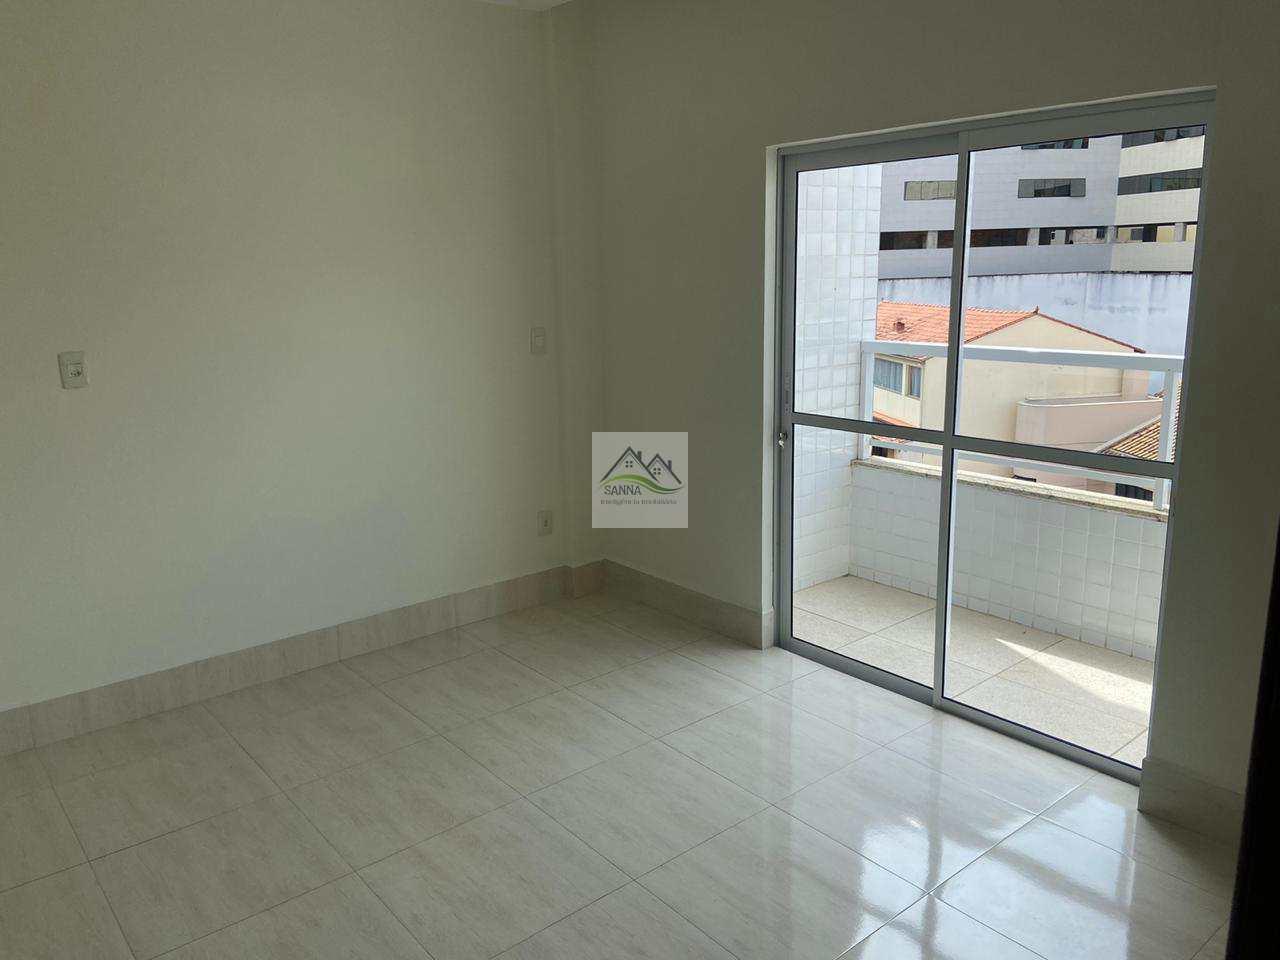 Apartamento com 3 dorms, CAMPO ALEGRE, Conselheiro Lafaiete - R$ 450 mil, Cod: SN202110